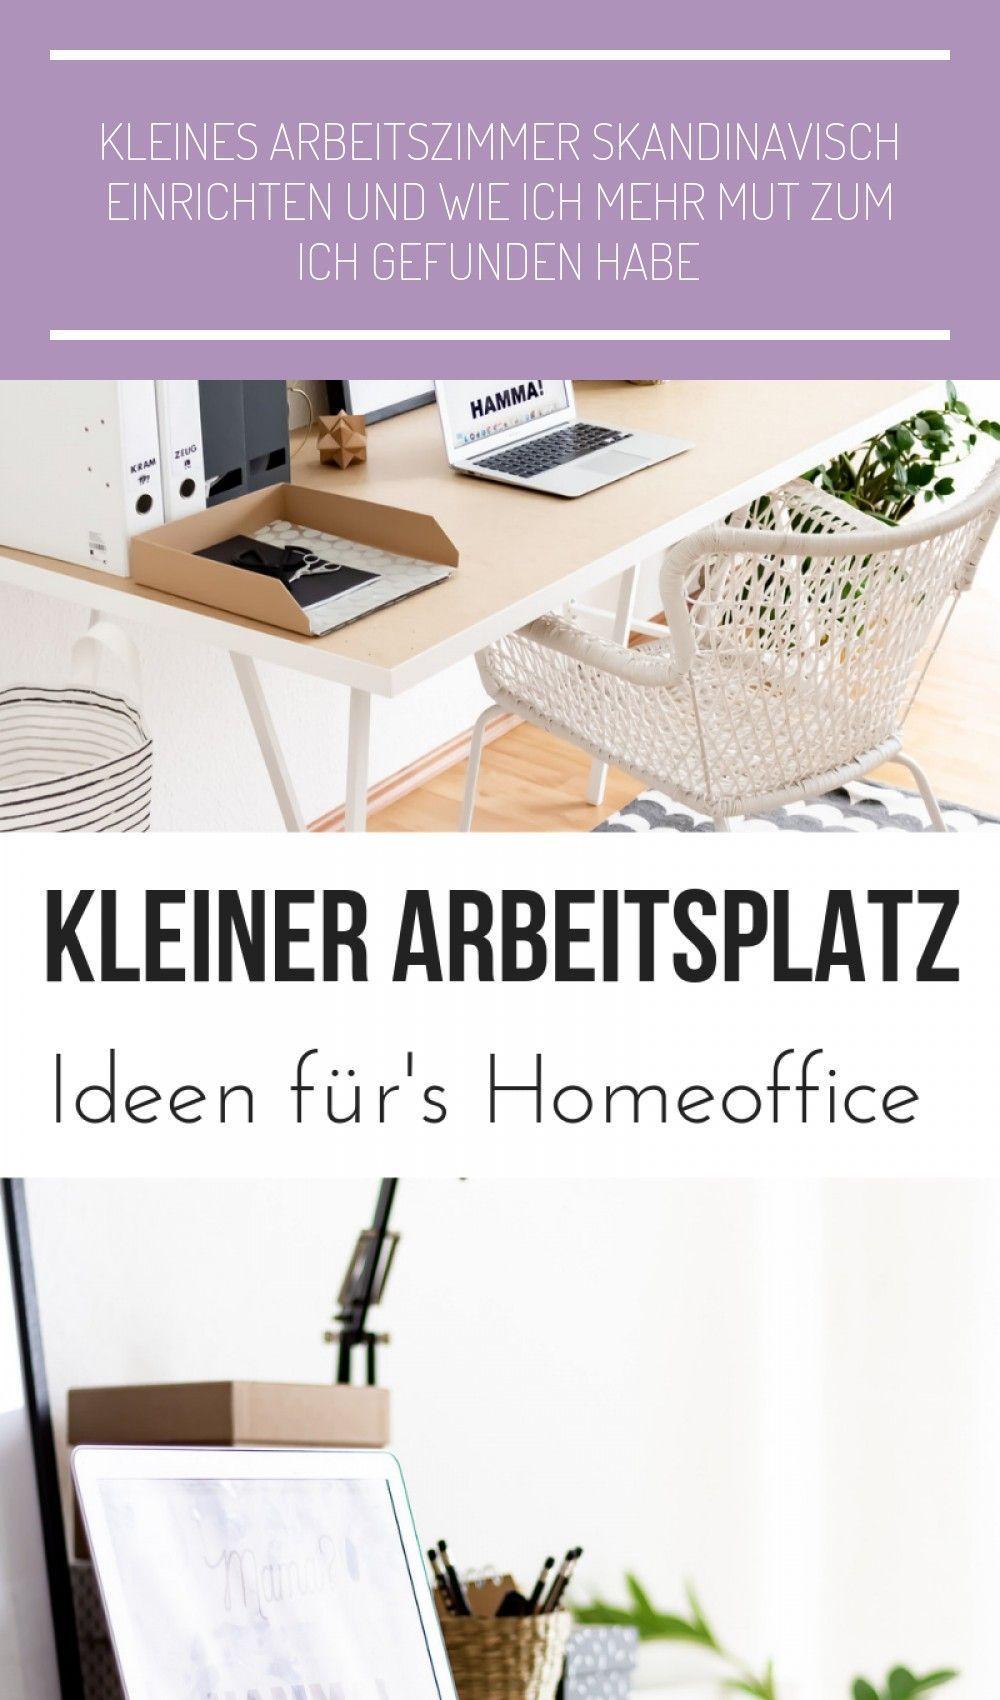 Homeoffice Ideen Fur Den Blogger Arbeitsplatz Ein Kleines Arbeitszimmer Arbe In 2021 Kleines Arbeitszimmer Arbeitszimmer Arbeitsplatz